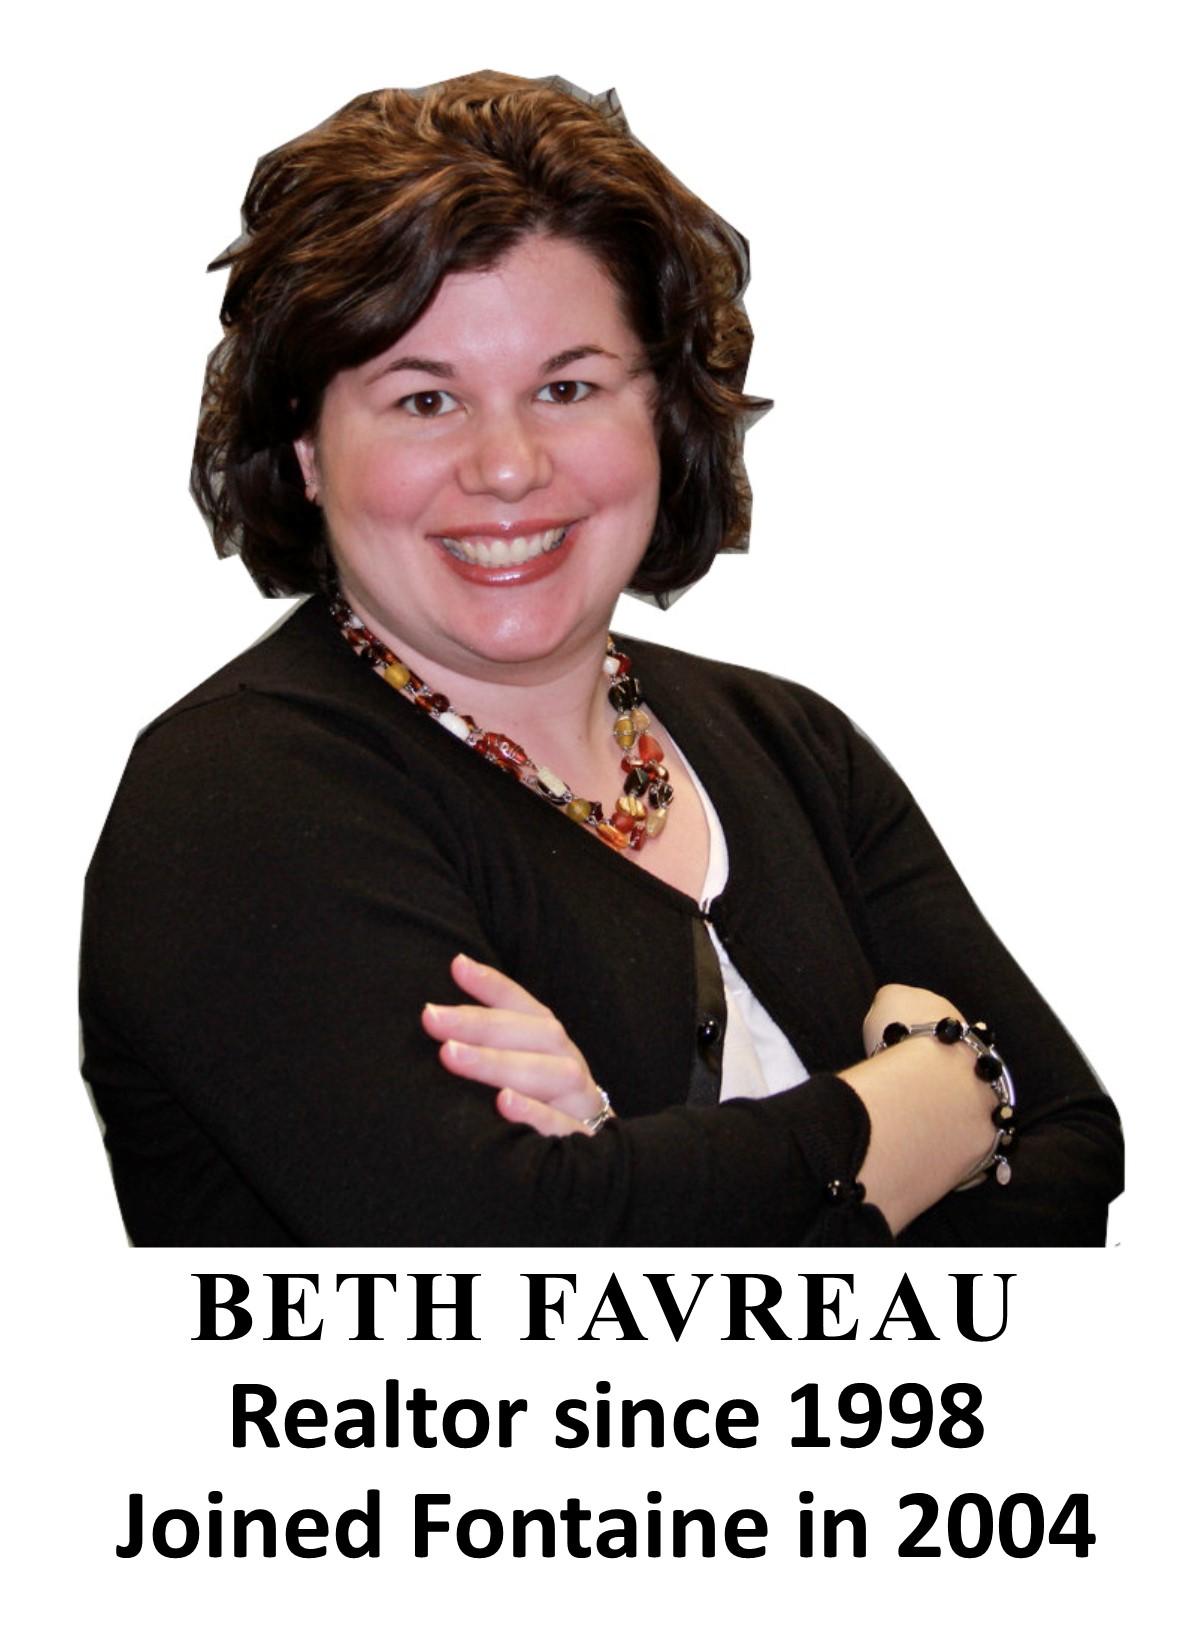 Beth Favreau